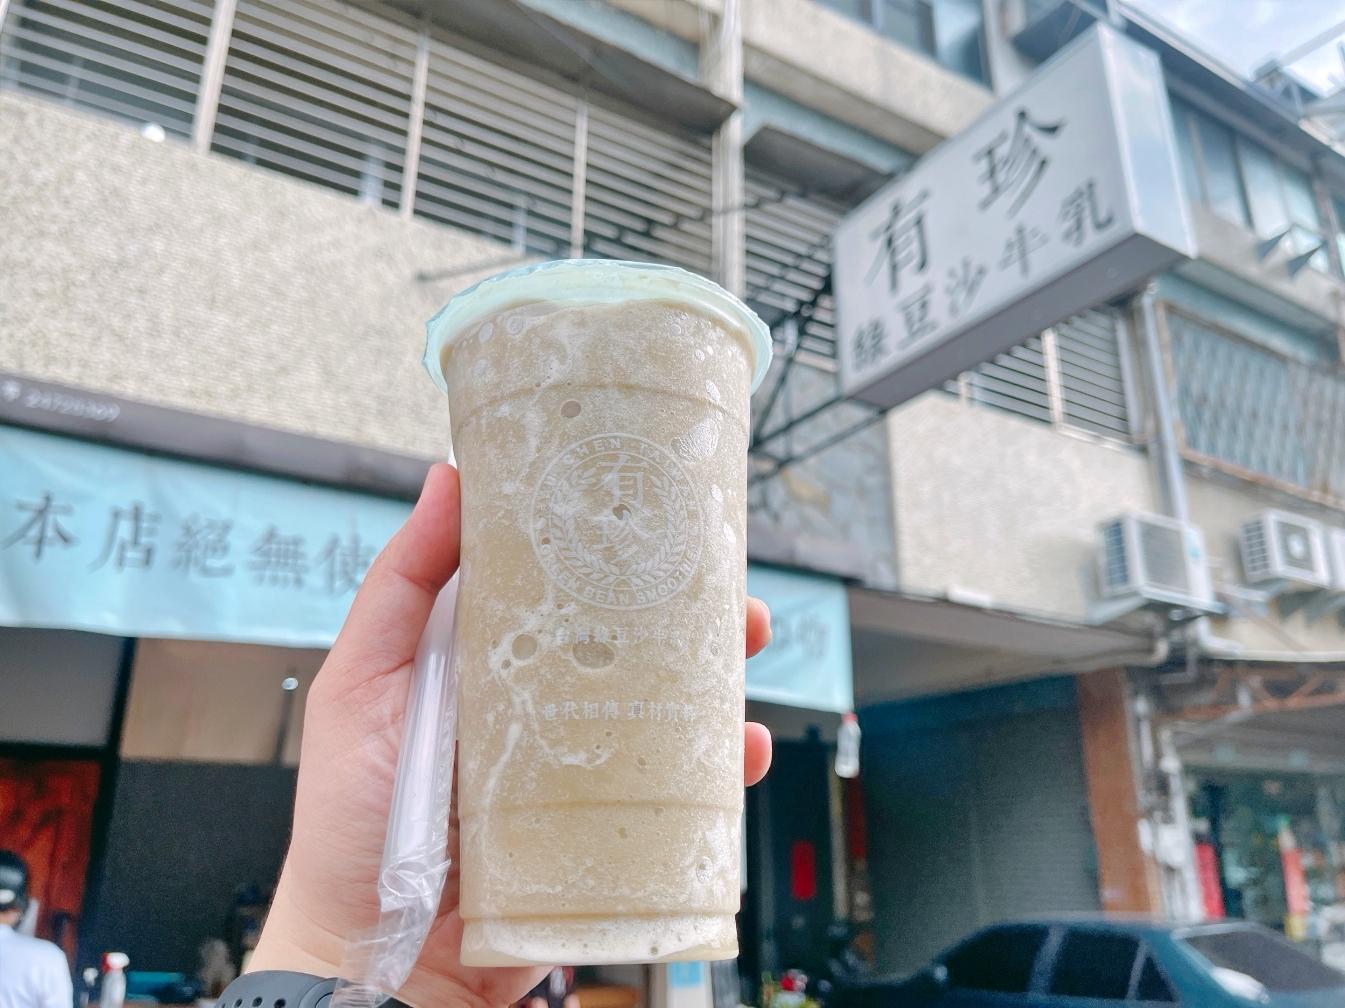 最新推播訊息:[台中美食]有珍台灣綠豆沙牛乳大里.大明店|香醇濃郁的古早味綠豆沙飲品